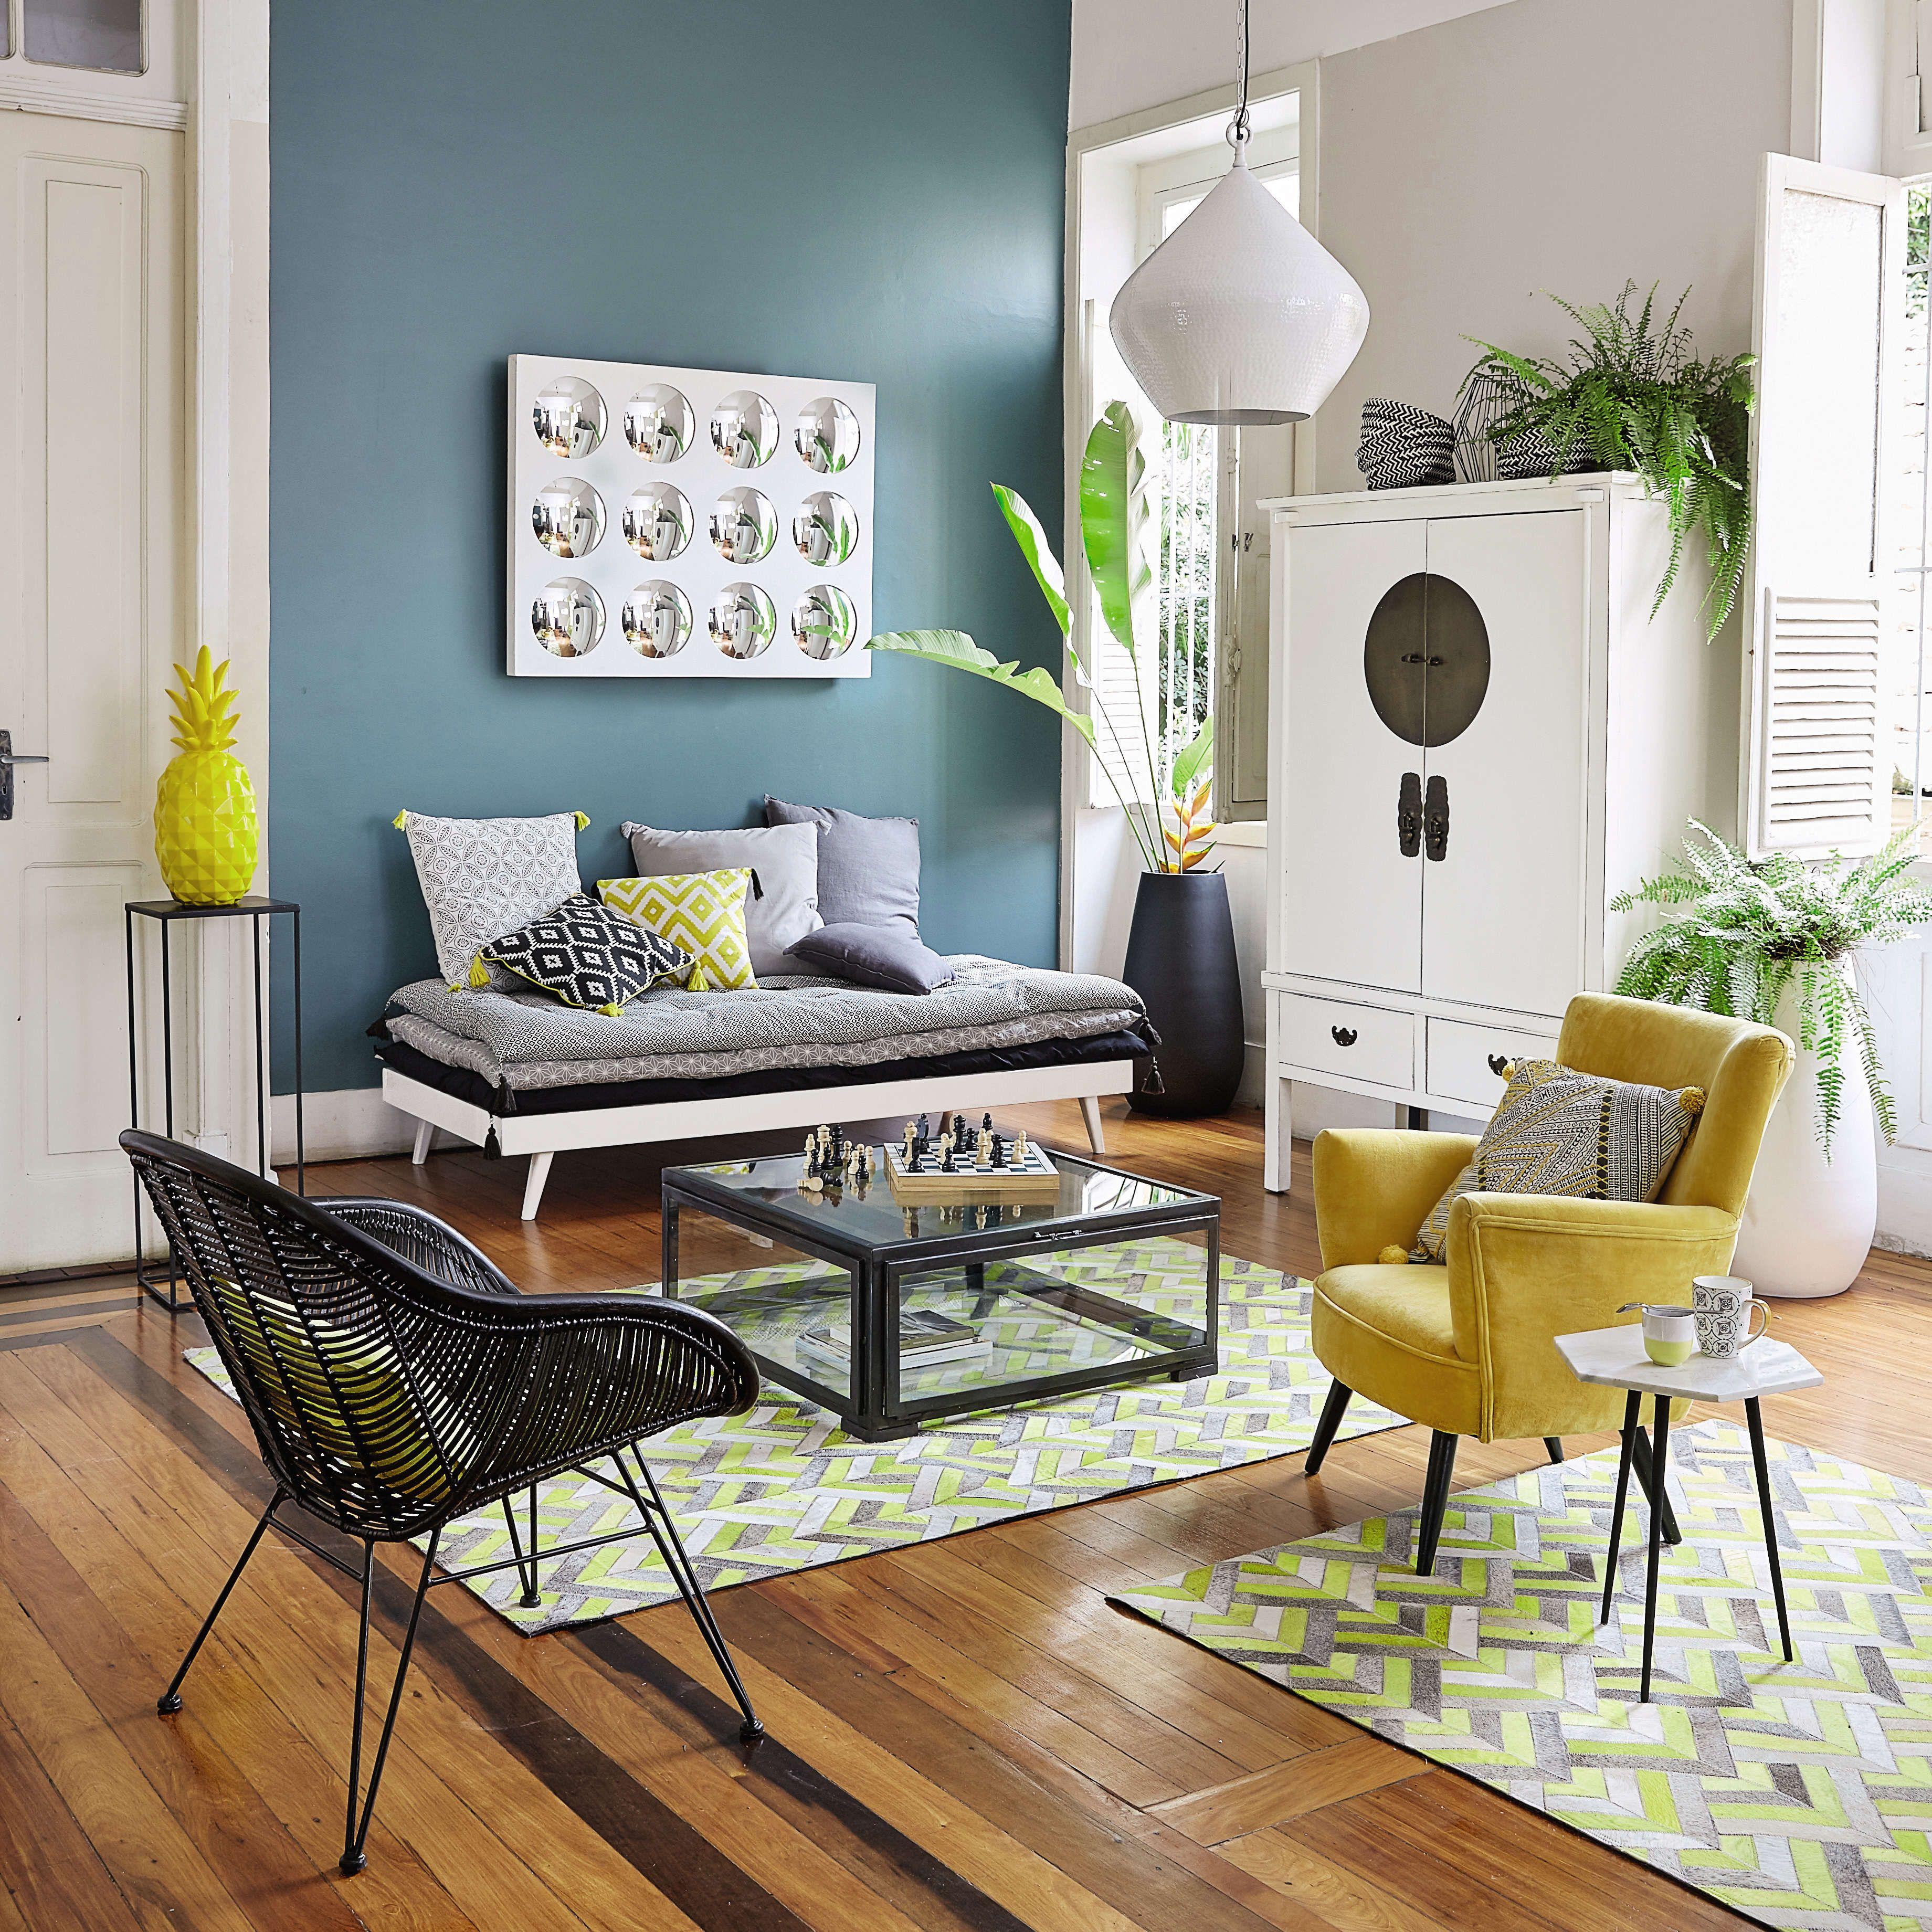 maison du monde montpellier deco maison du monde u. Black Bedroom Furniture Sets. Home Design Ideas